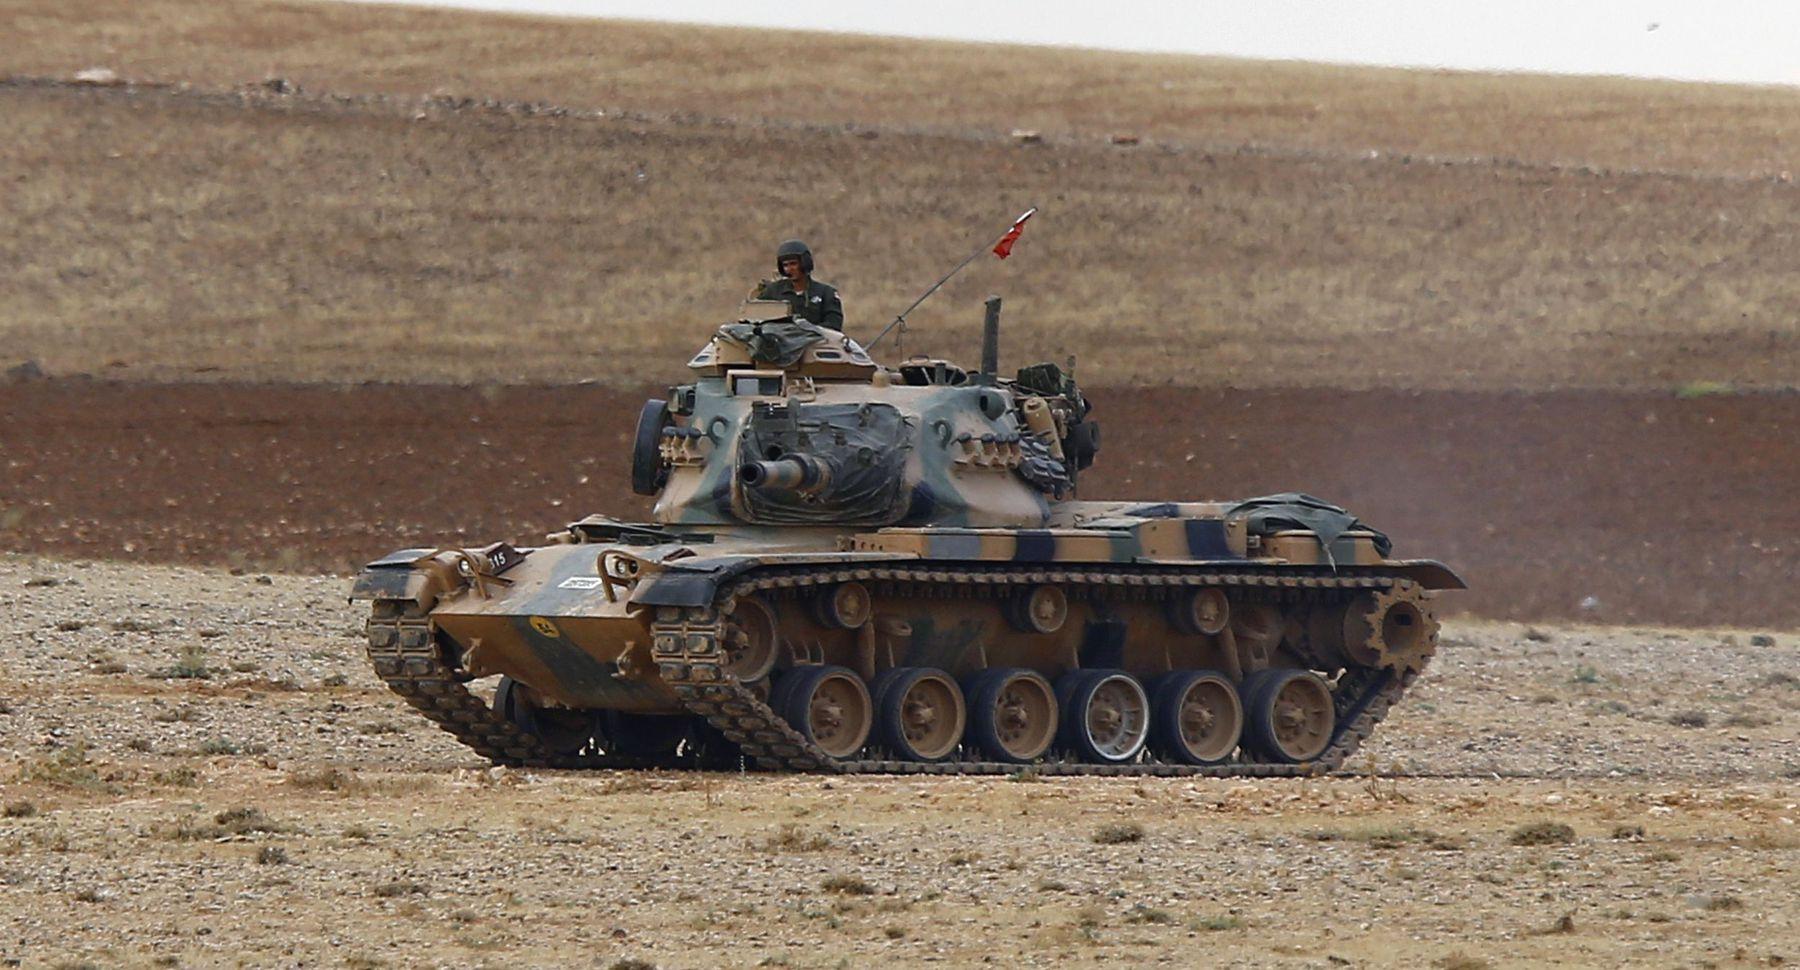 Курды отклонили предложение Москвы: подождем пока они увидят турецкие танки